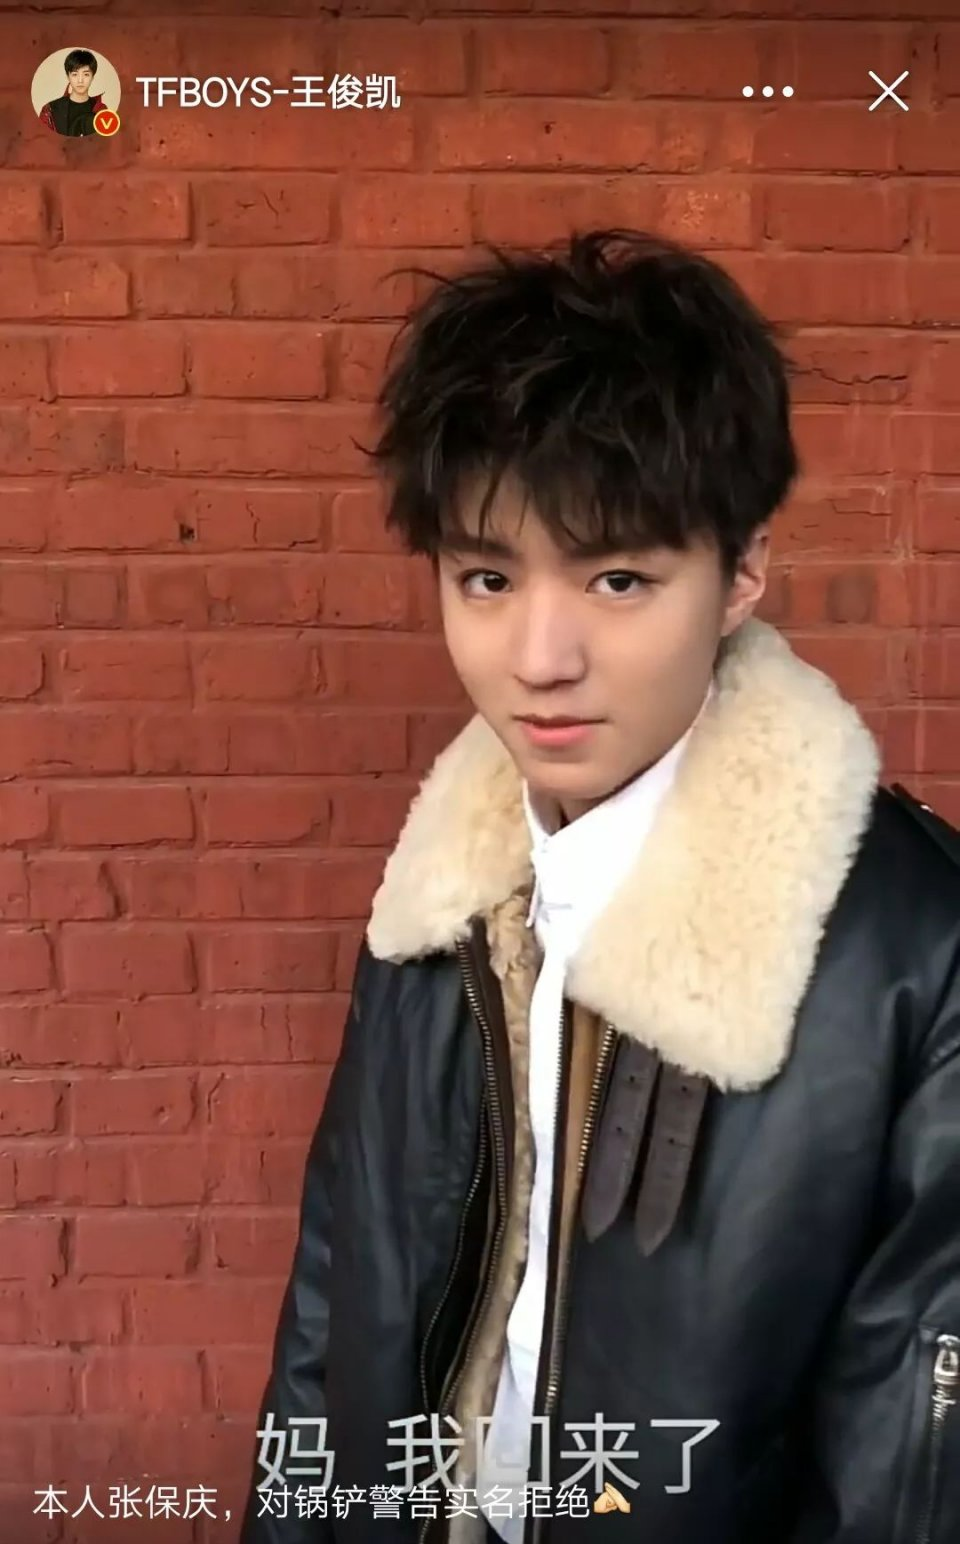 粉丝叫王俊凯睫毛扇子,不单是说他的睫毛很长